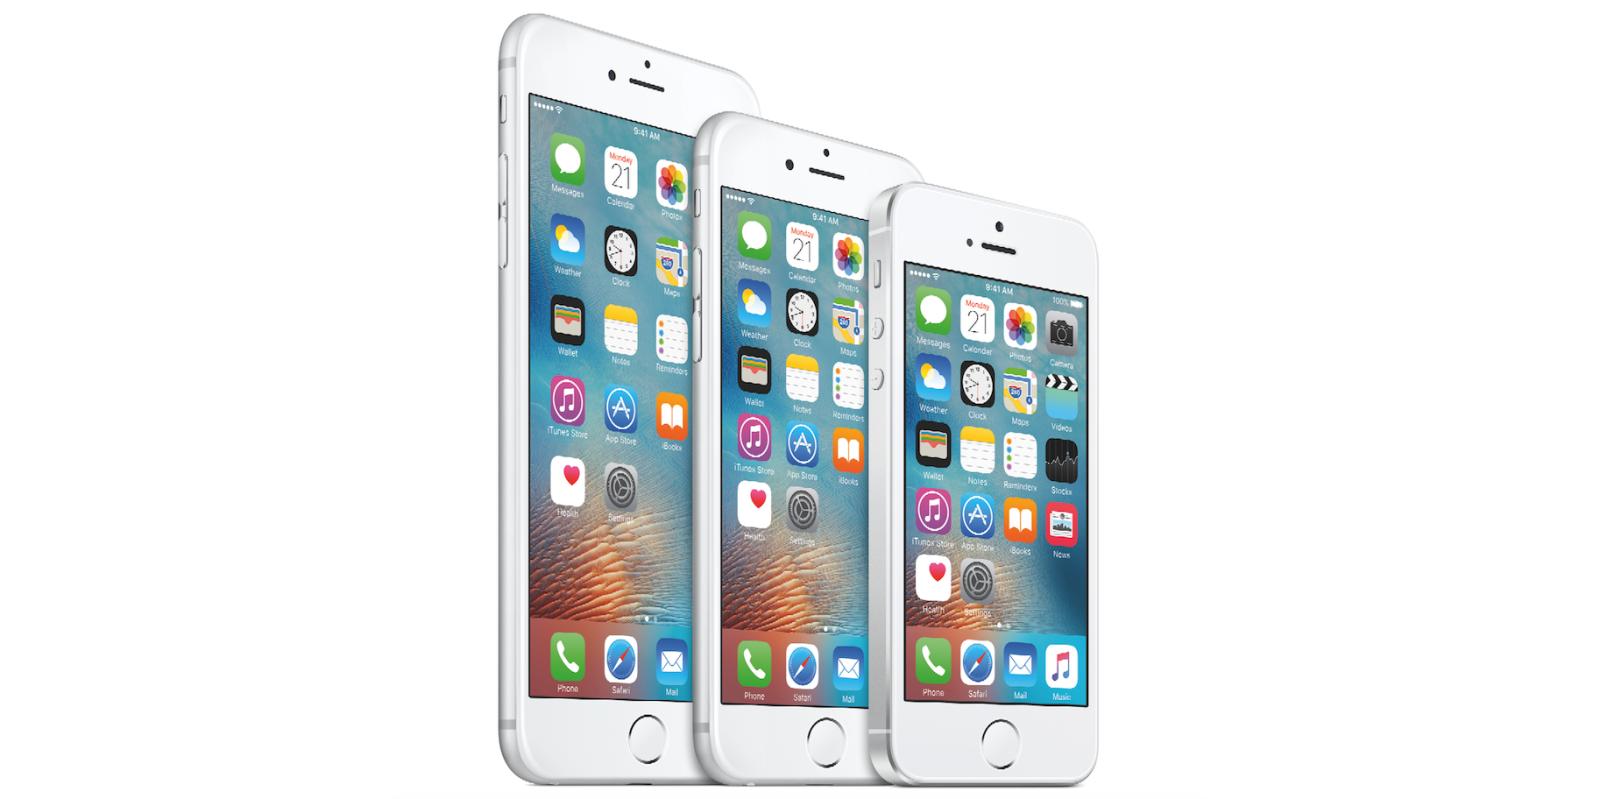 Top 10 aplicaţii şi jocuri pentru iPhone din toate timpurile